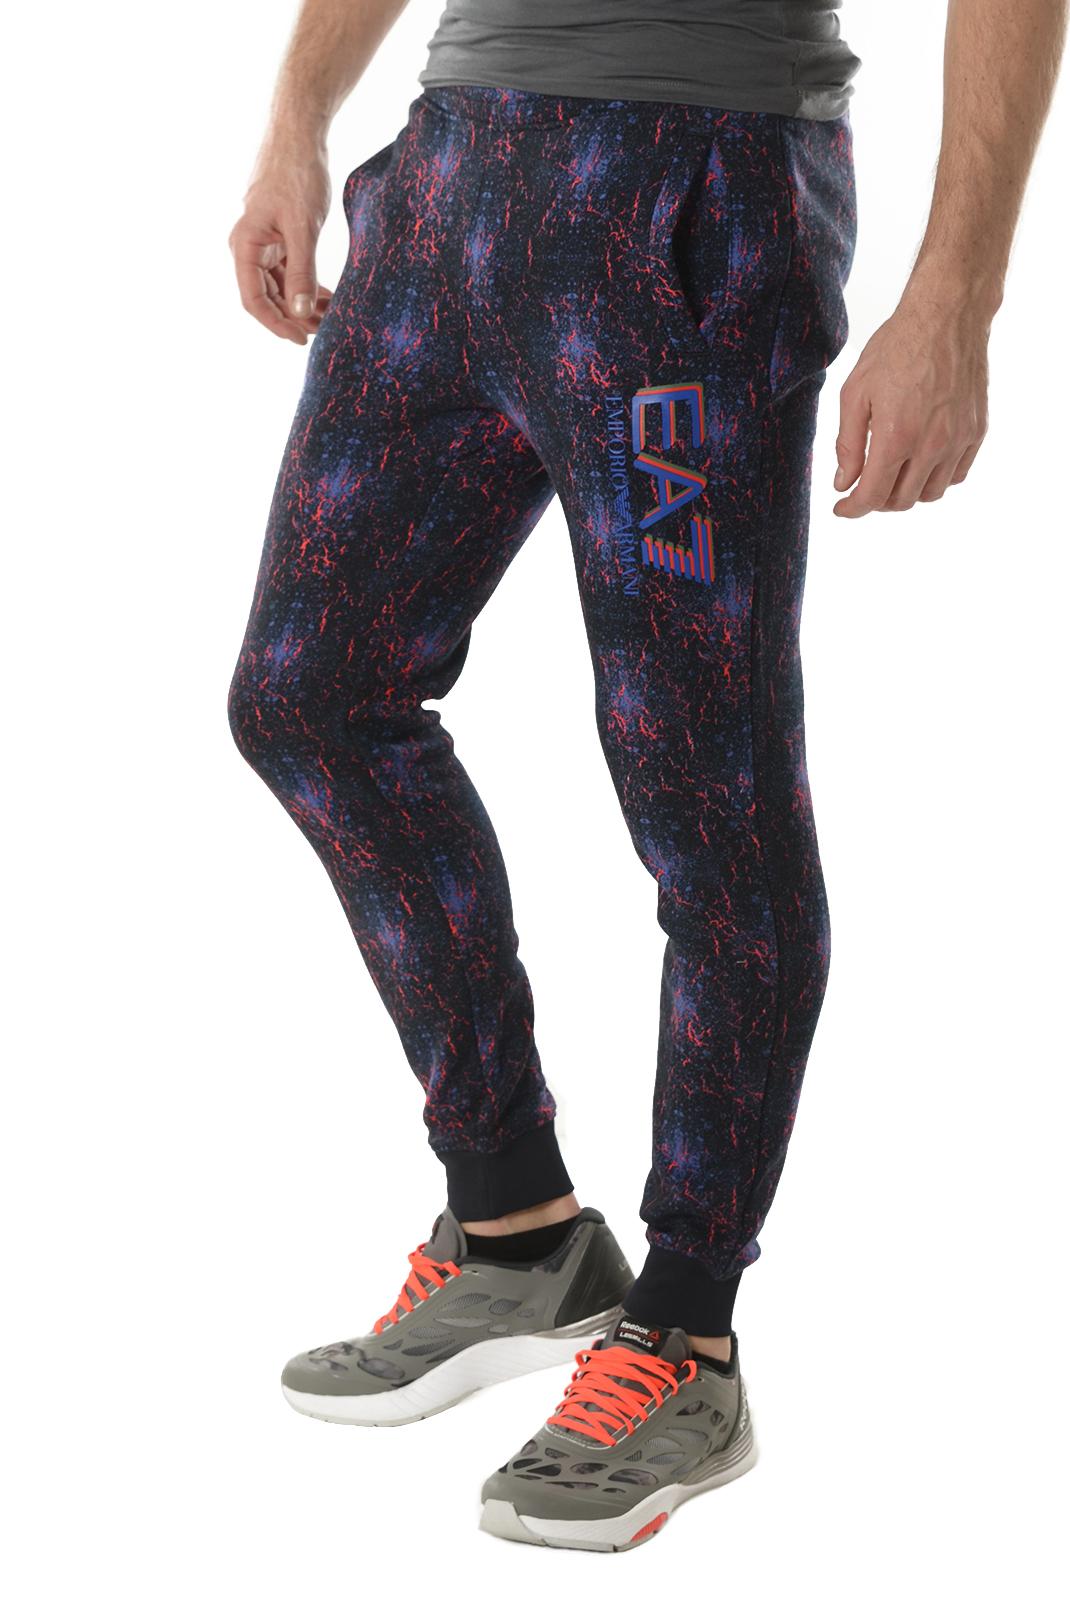 Pantalons sport/streetwear  Emporio armani 6XPP62 PJ10Z 2523